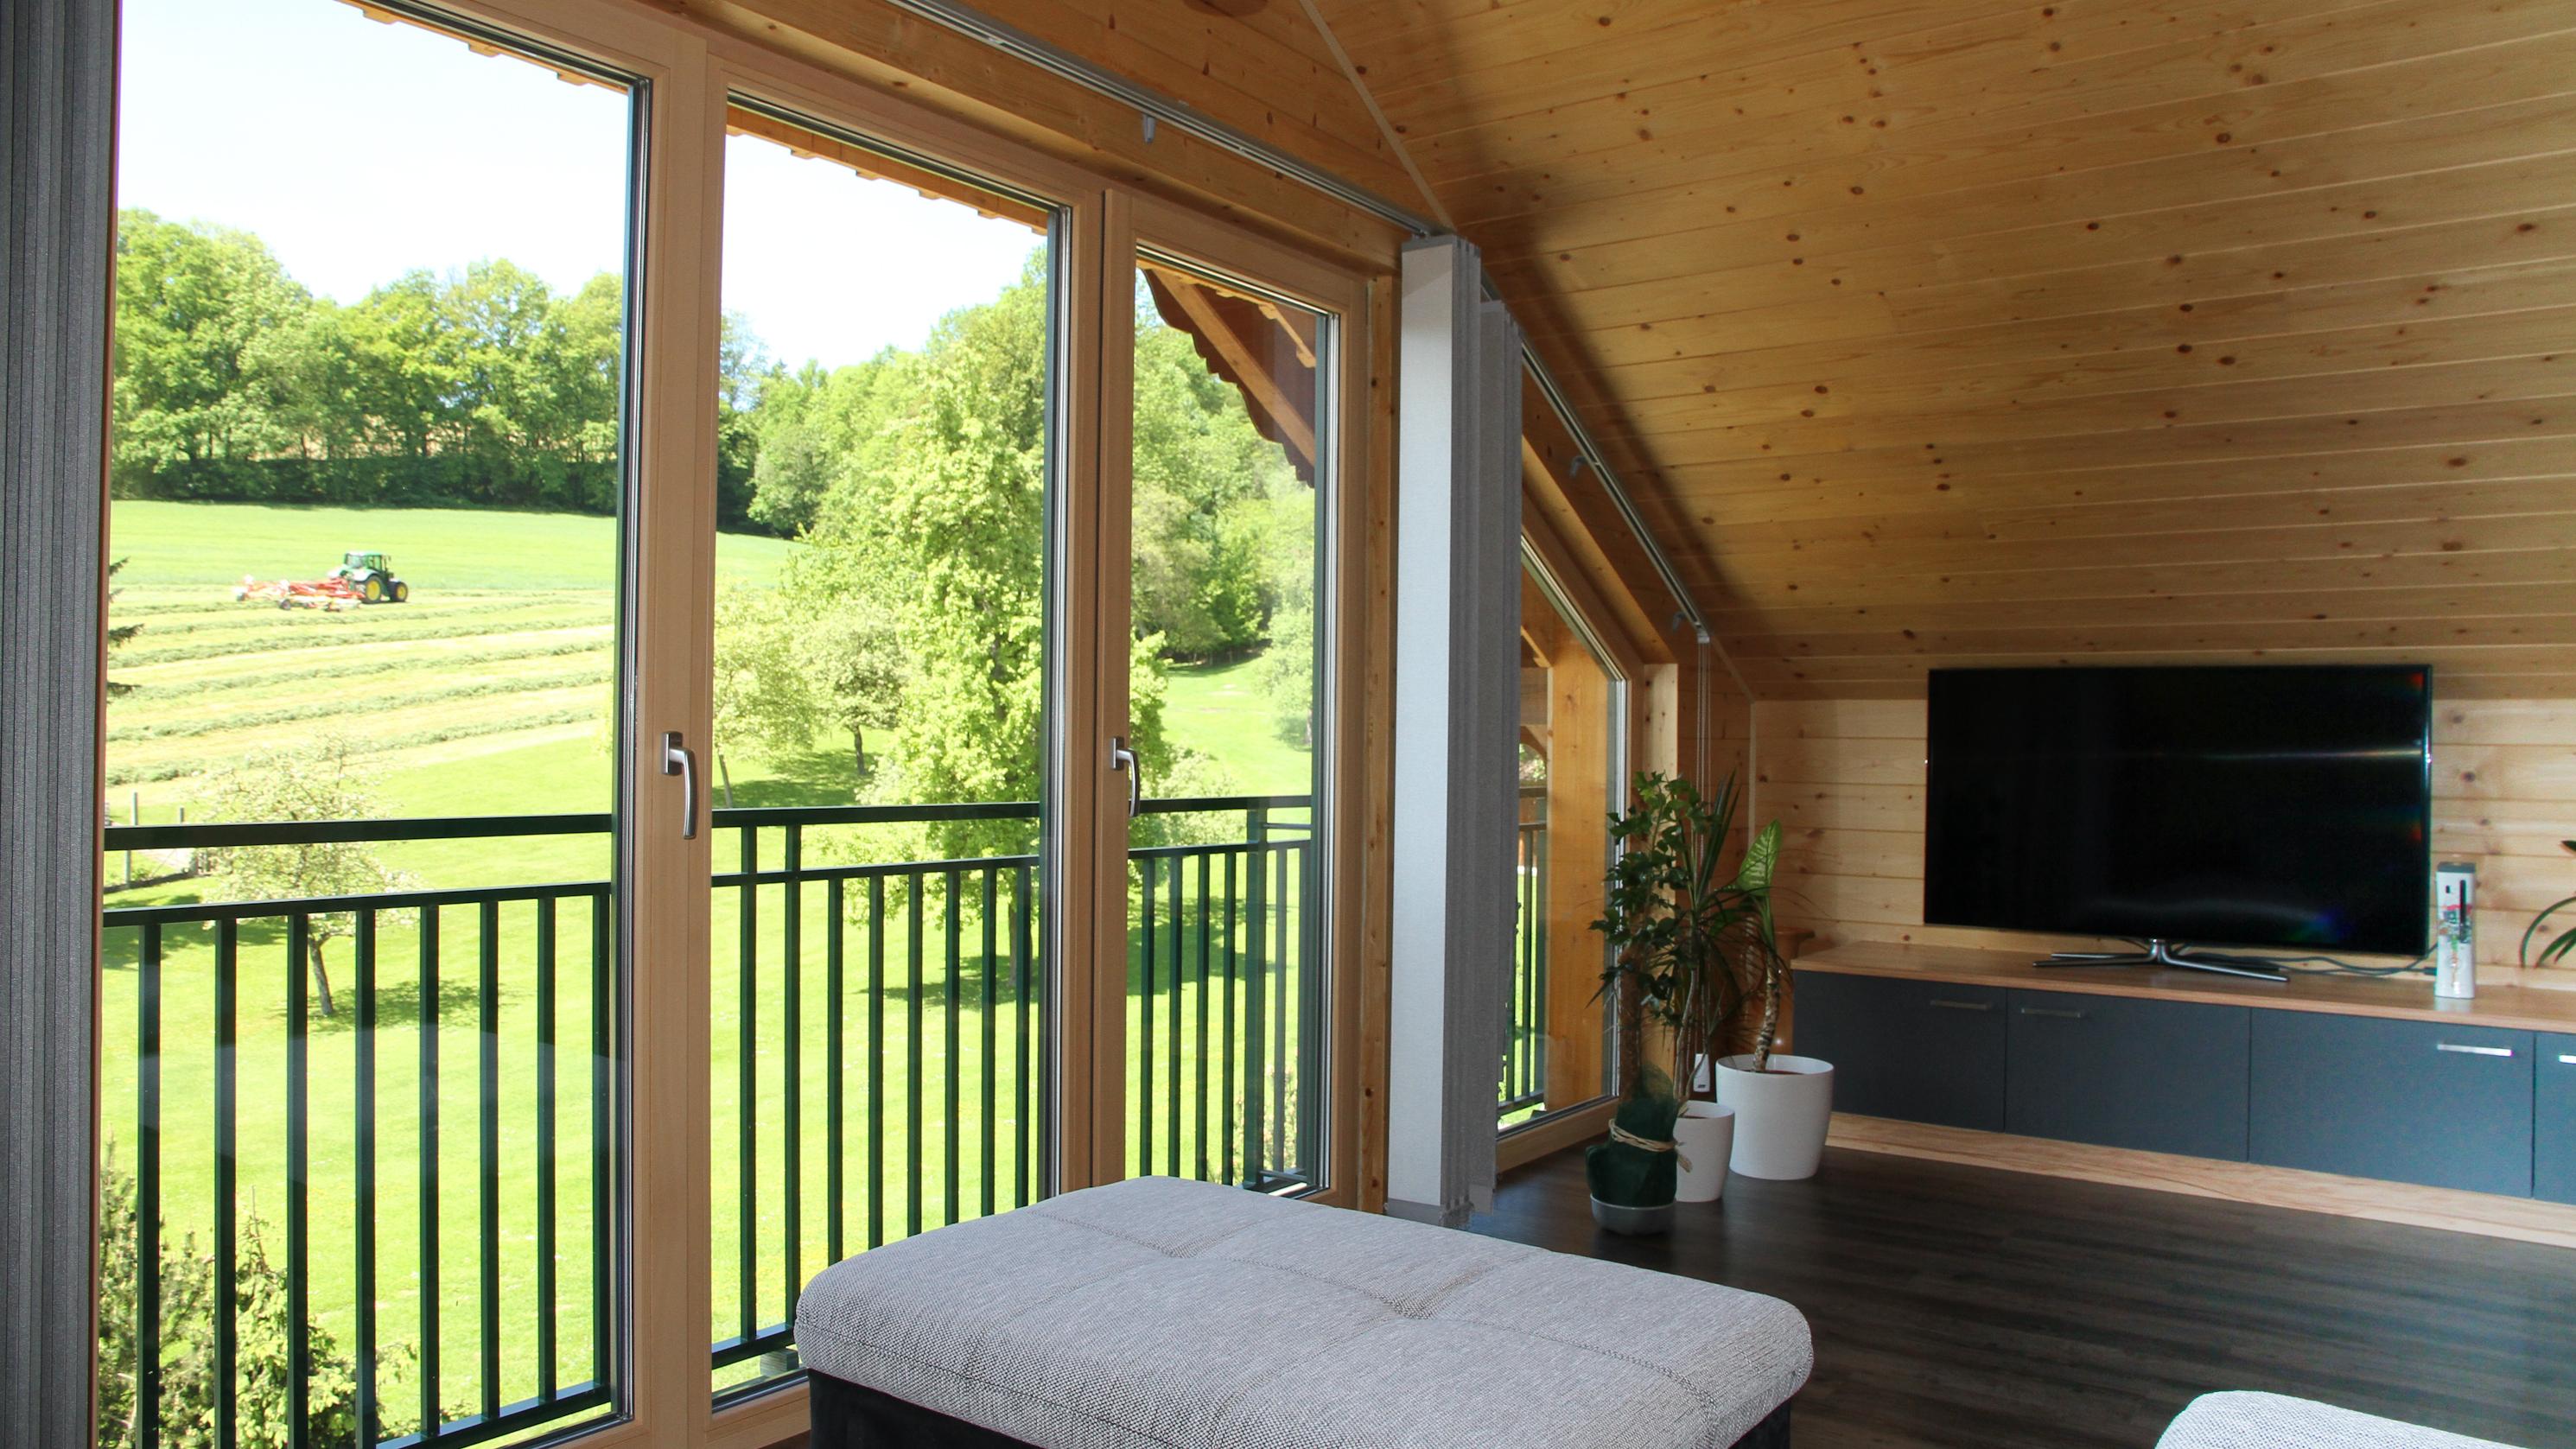 Ferienwohnung Hanetseder - Apartments for Rent in Wallern